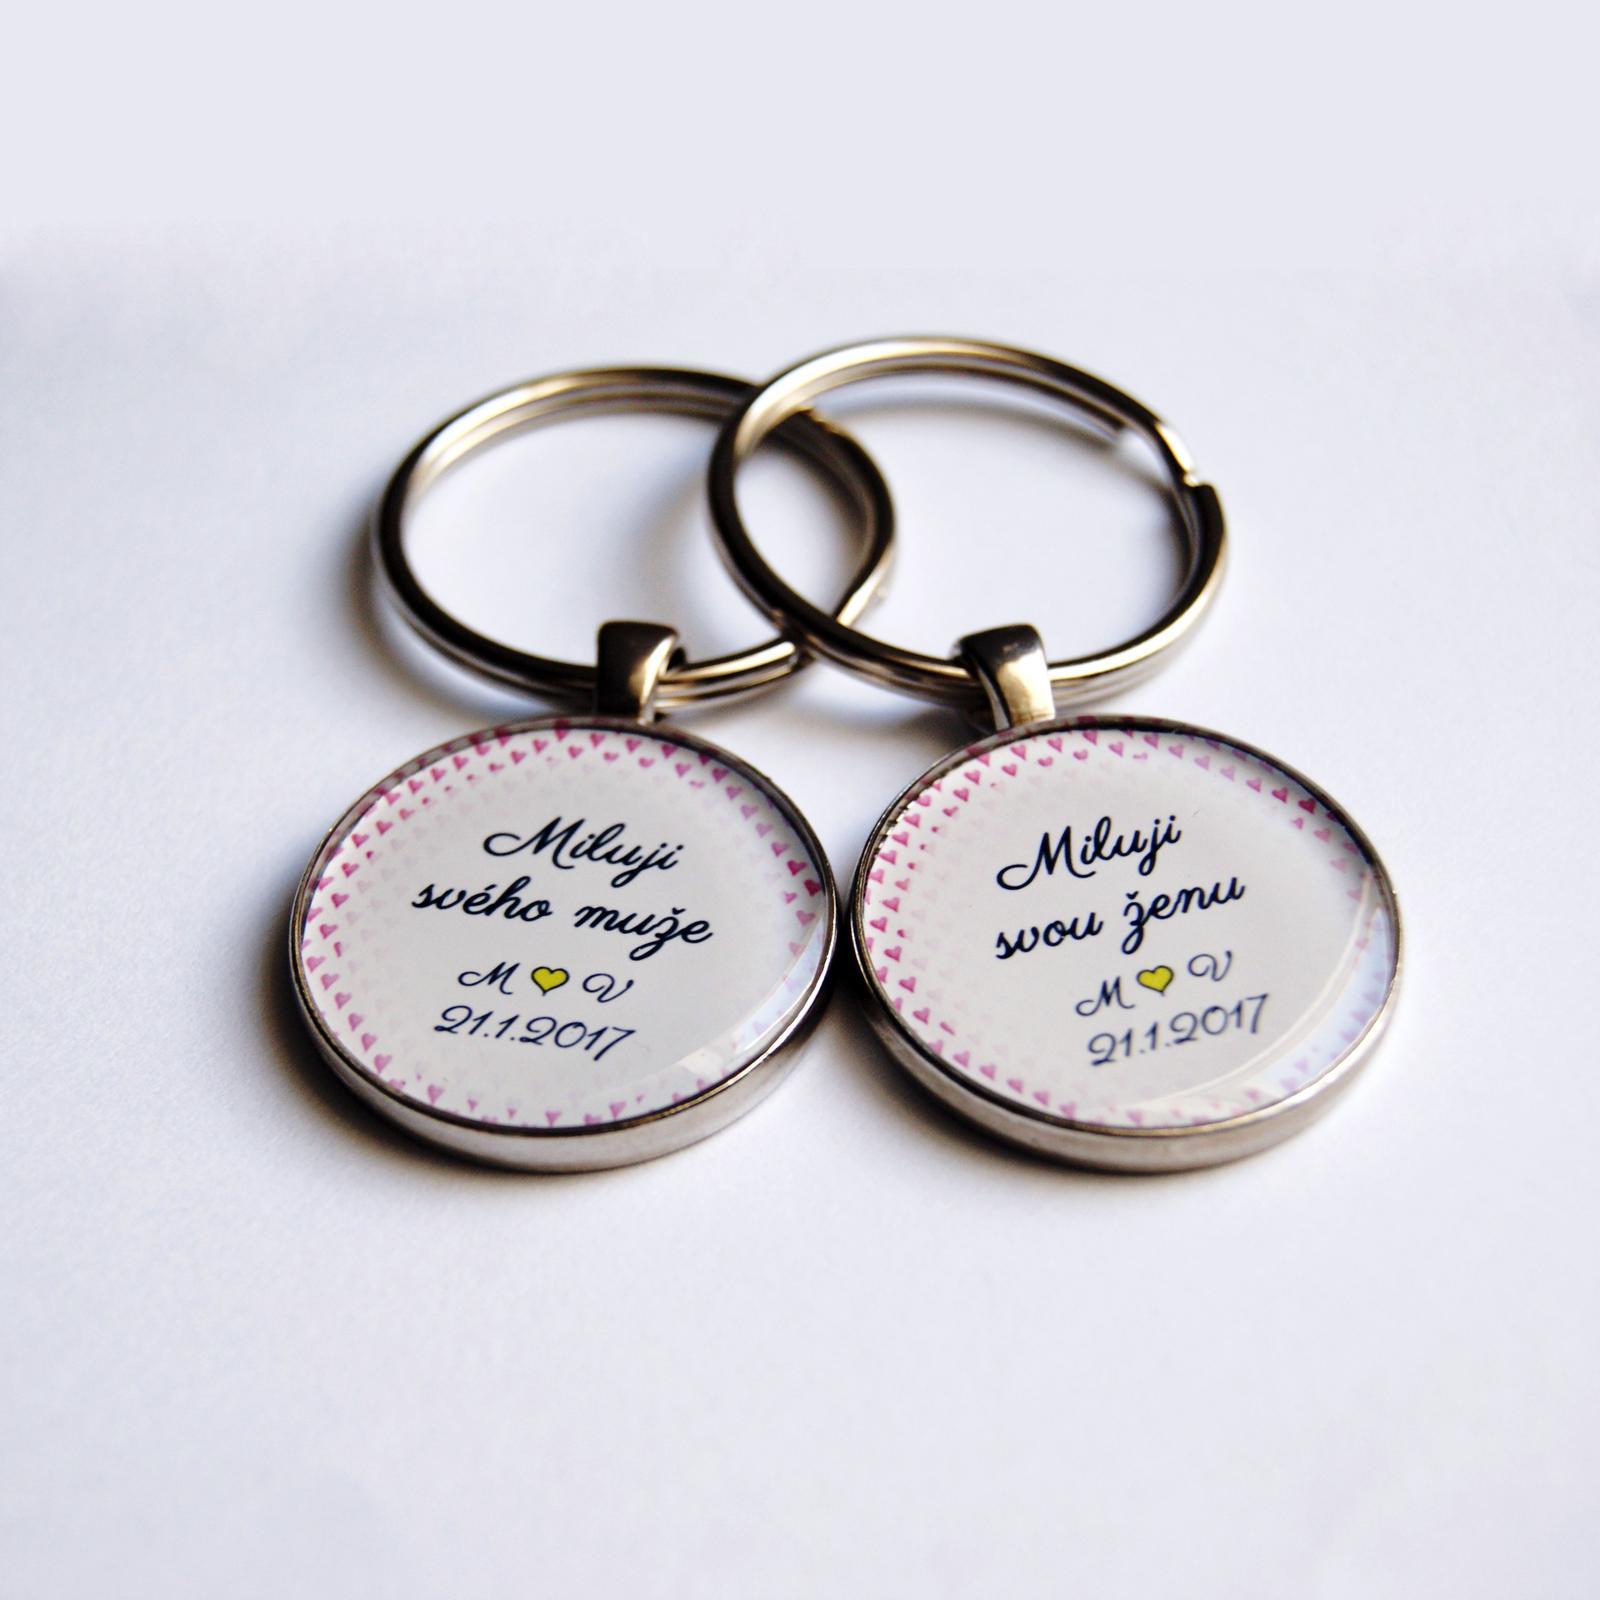 Svatby roku 2017 - Sada přívěsků na klíče, kteoru jsme vyráběli, nechte se inspirovat. Pro návrh vlastního šperku na přání využijte náš formulář na eshopu: http://bit.ly/_sperky_na_prani